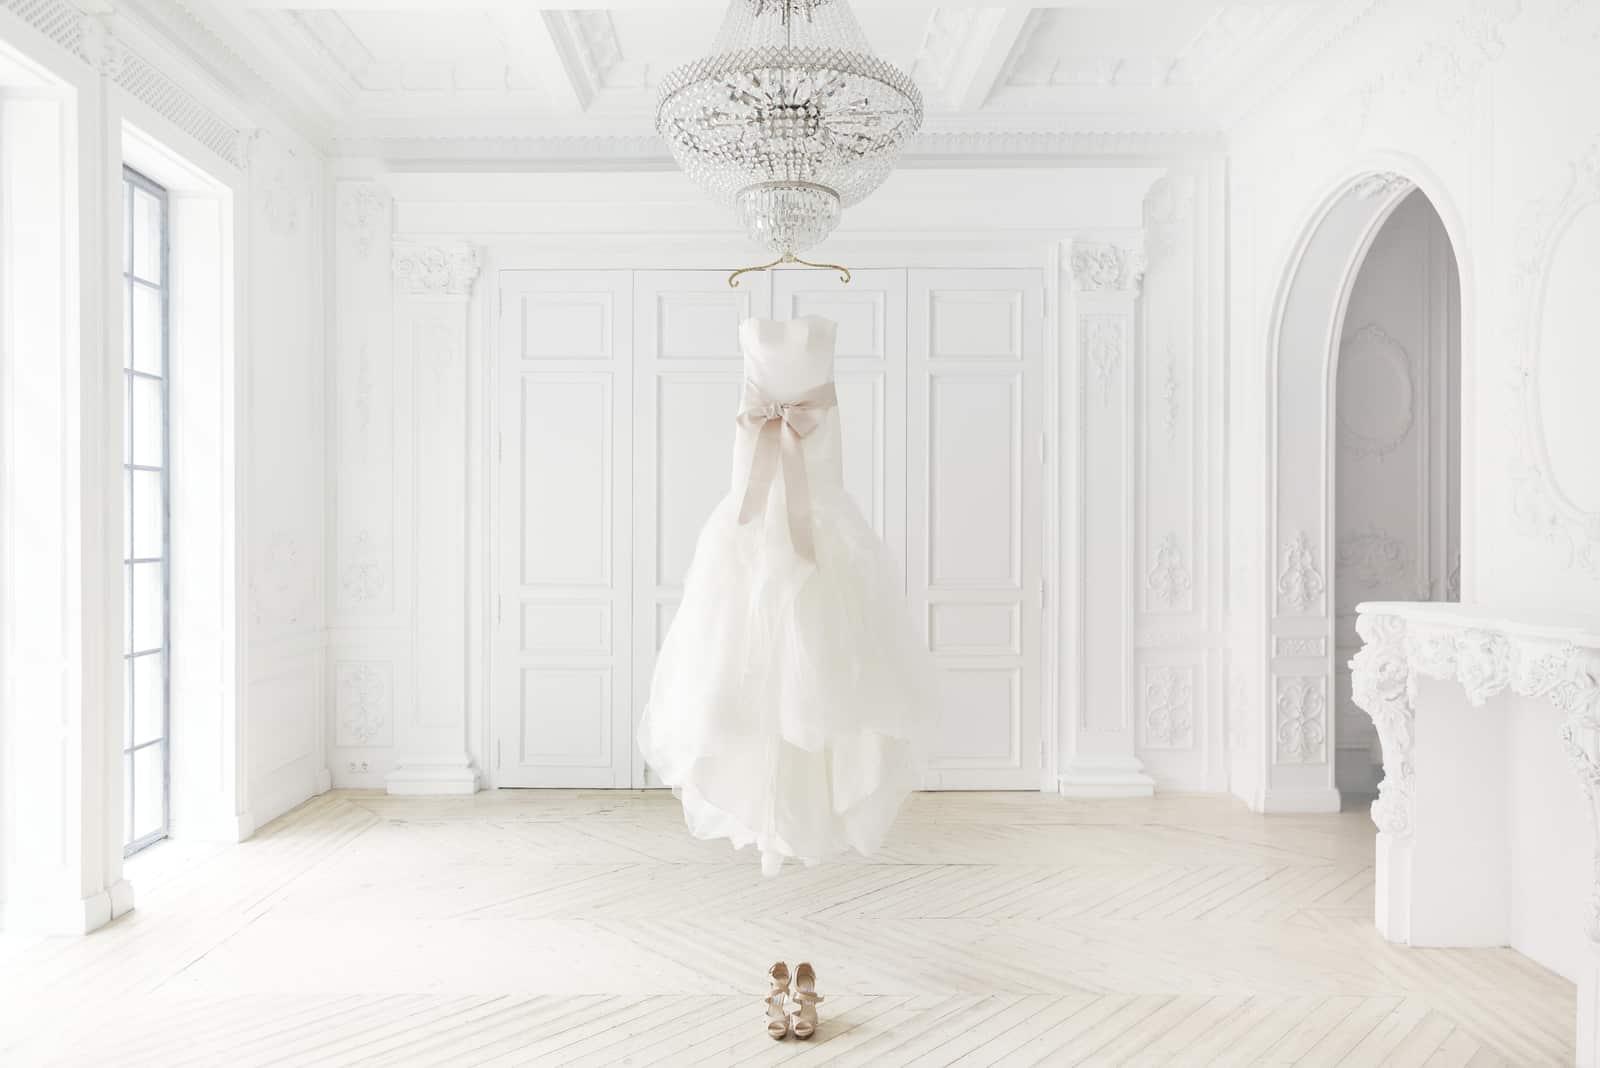 Ein wunderschönes Hochzeitskleid an einer Schnur hing an einem Kronleuchter